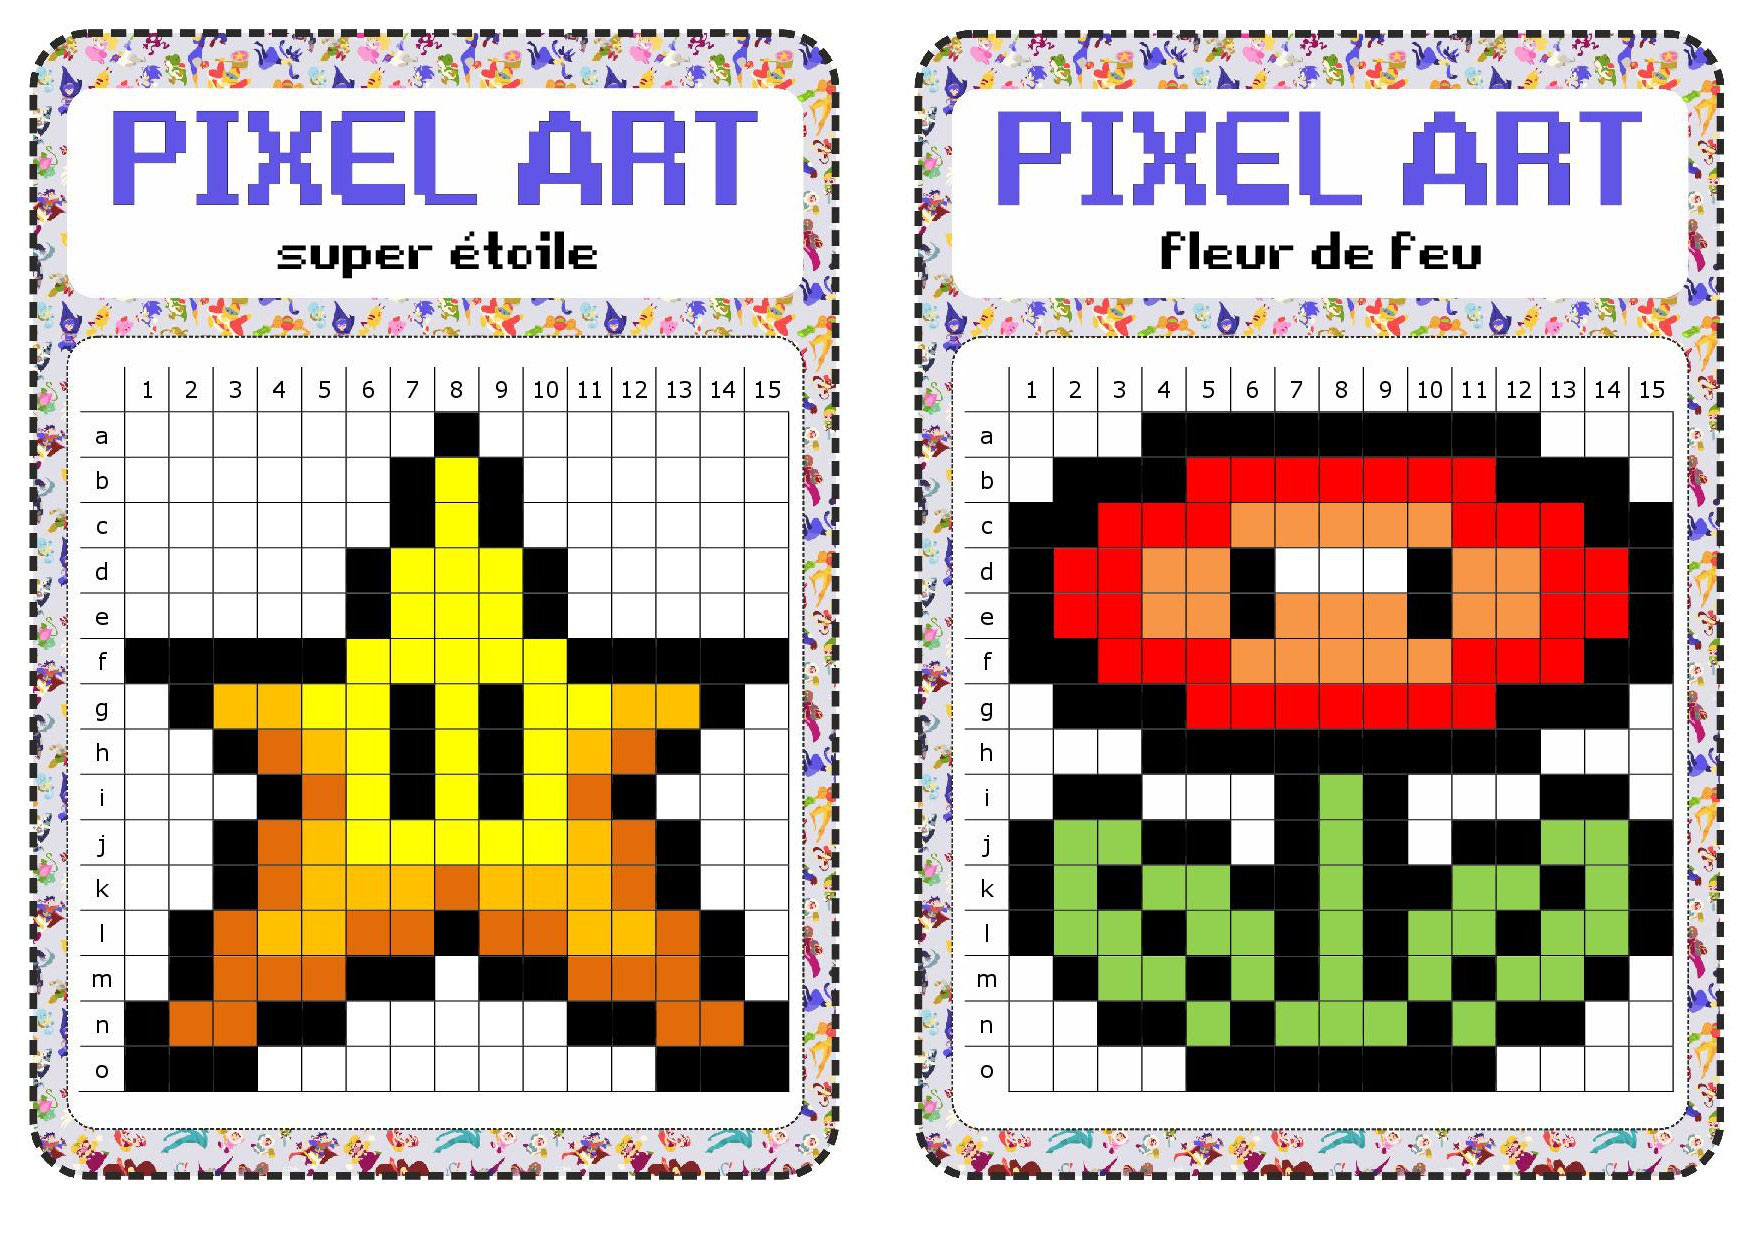 Atelier Libre : Pixel Art - Fiches De Préparations (Cycle1 intérieur Modele De Dessin Gratuit